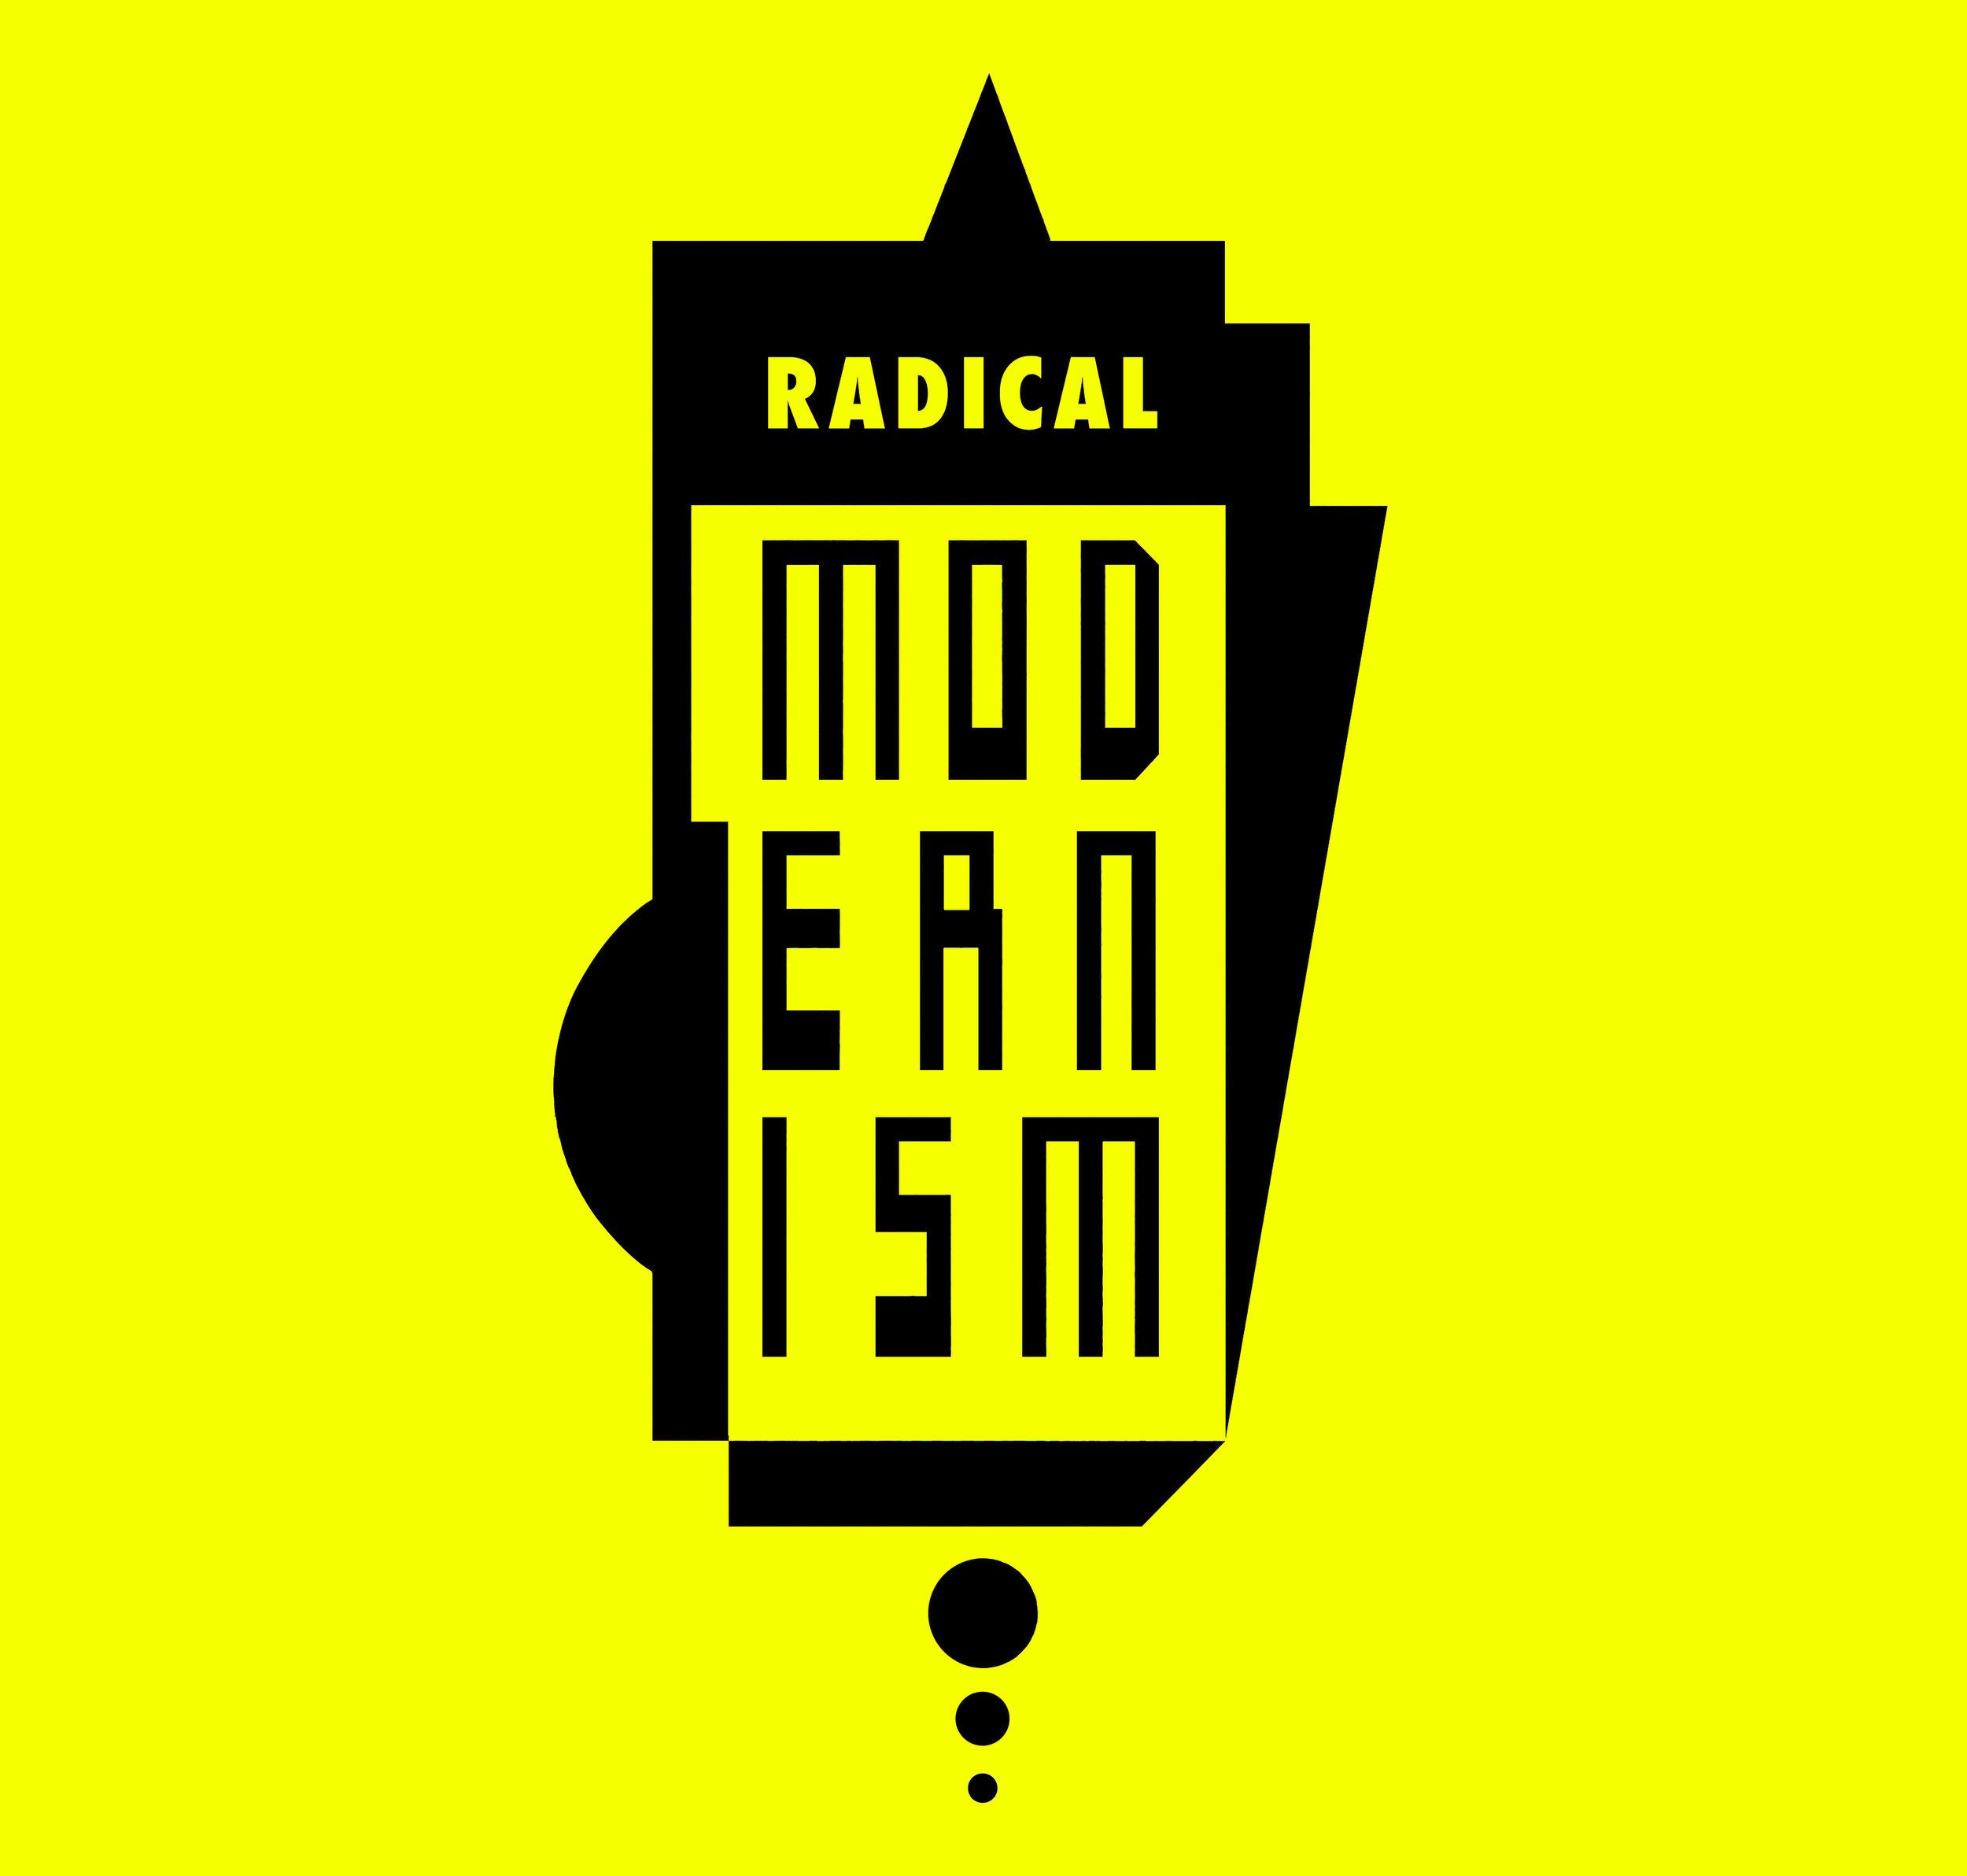 Dan-Friedman-Radical-Modernism.jpg